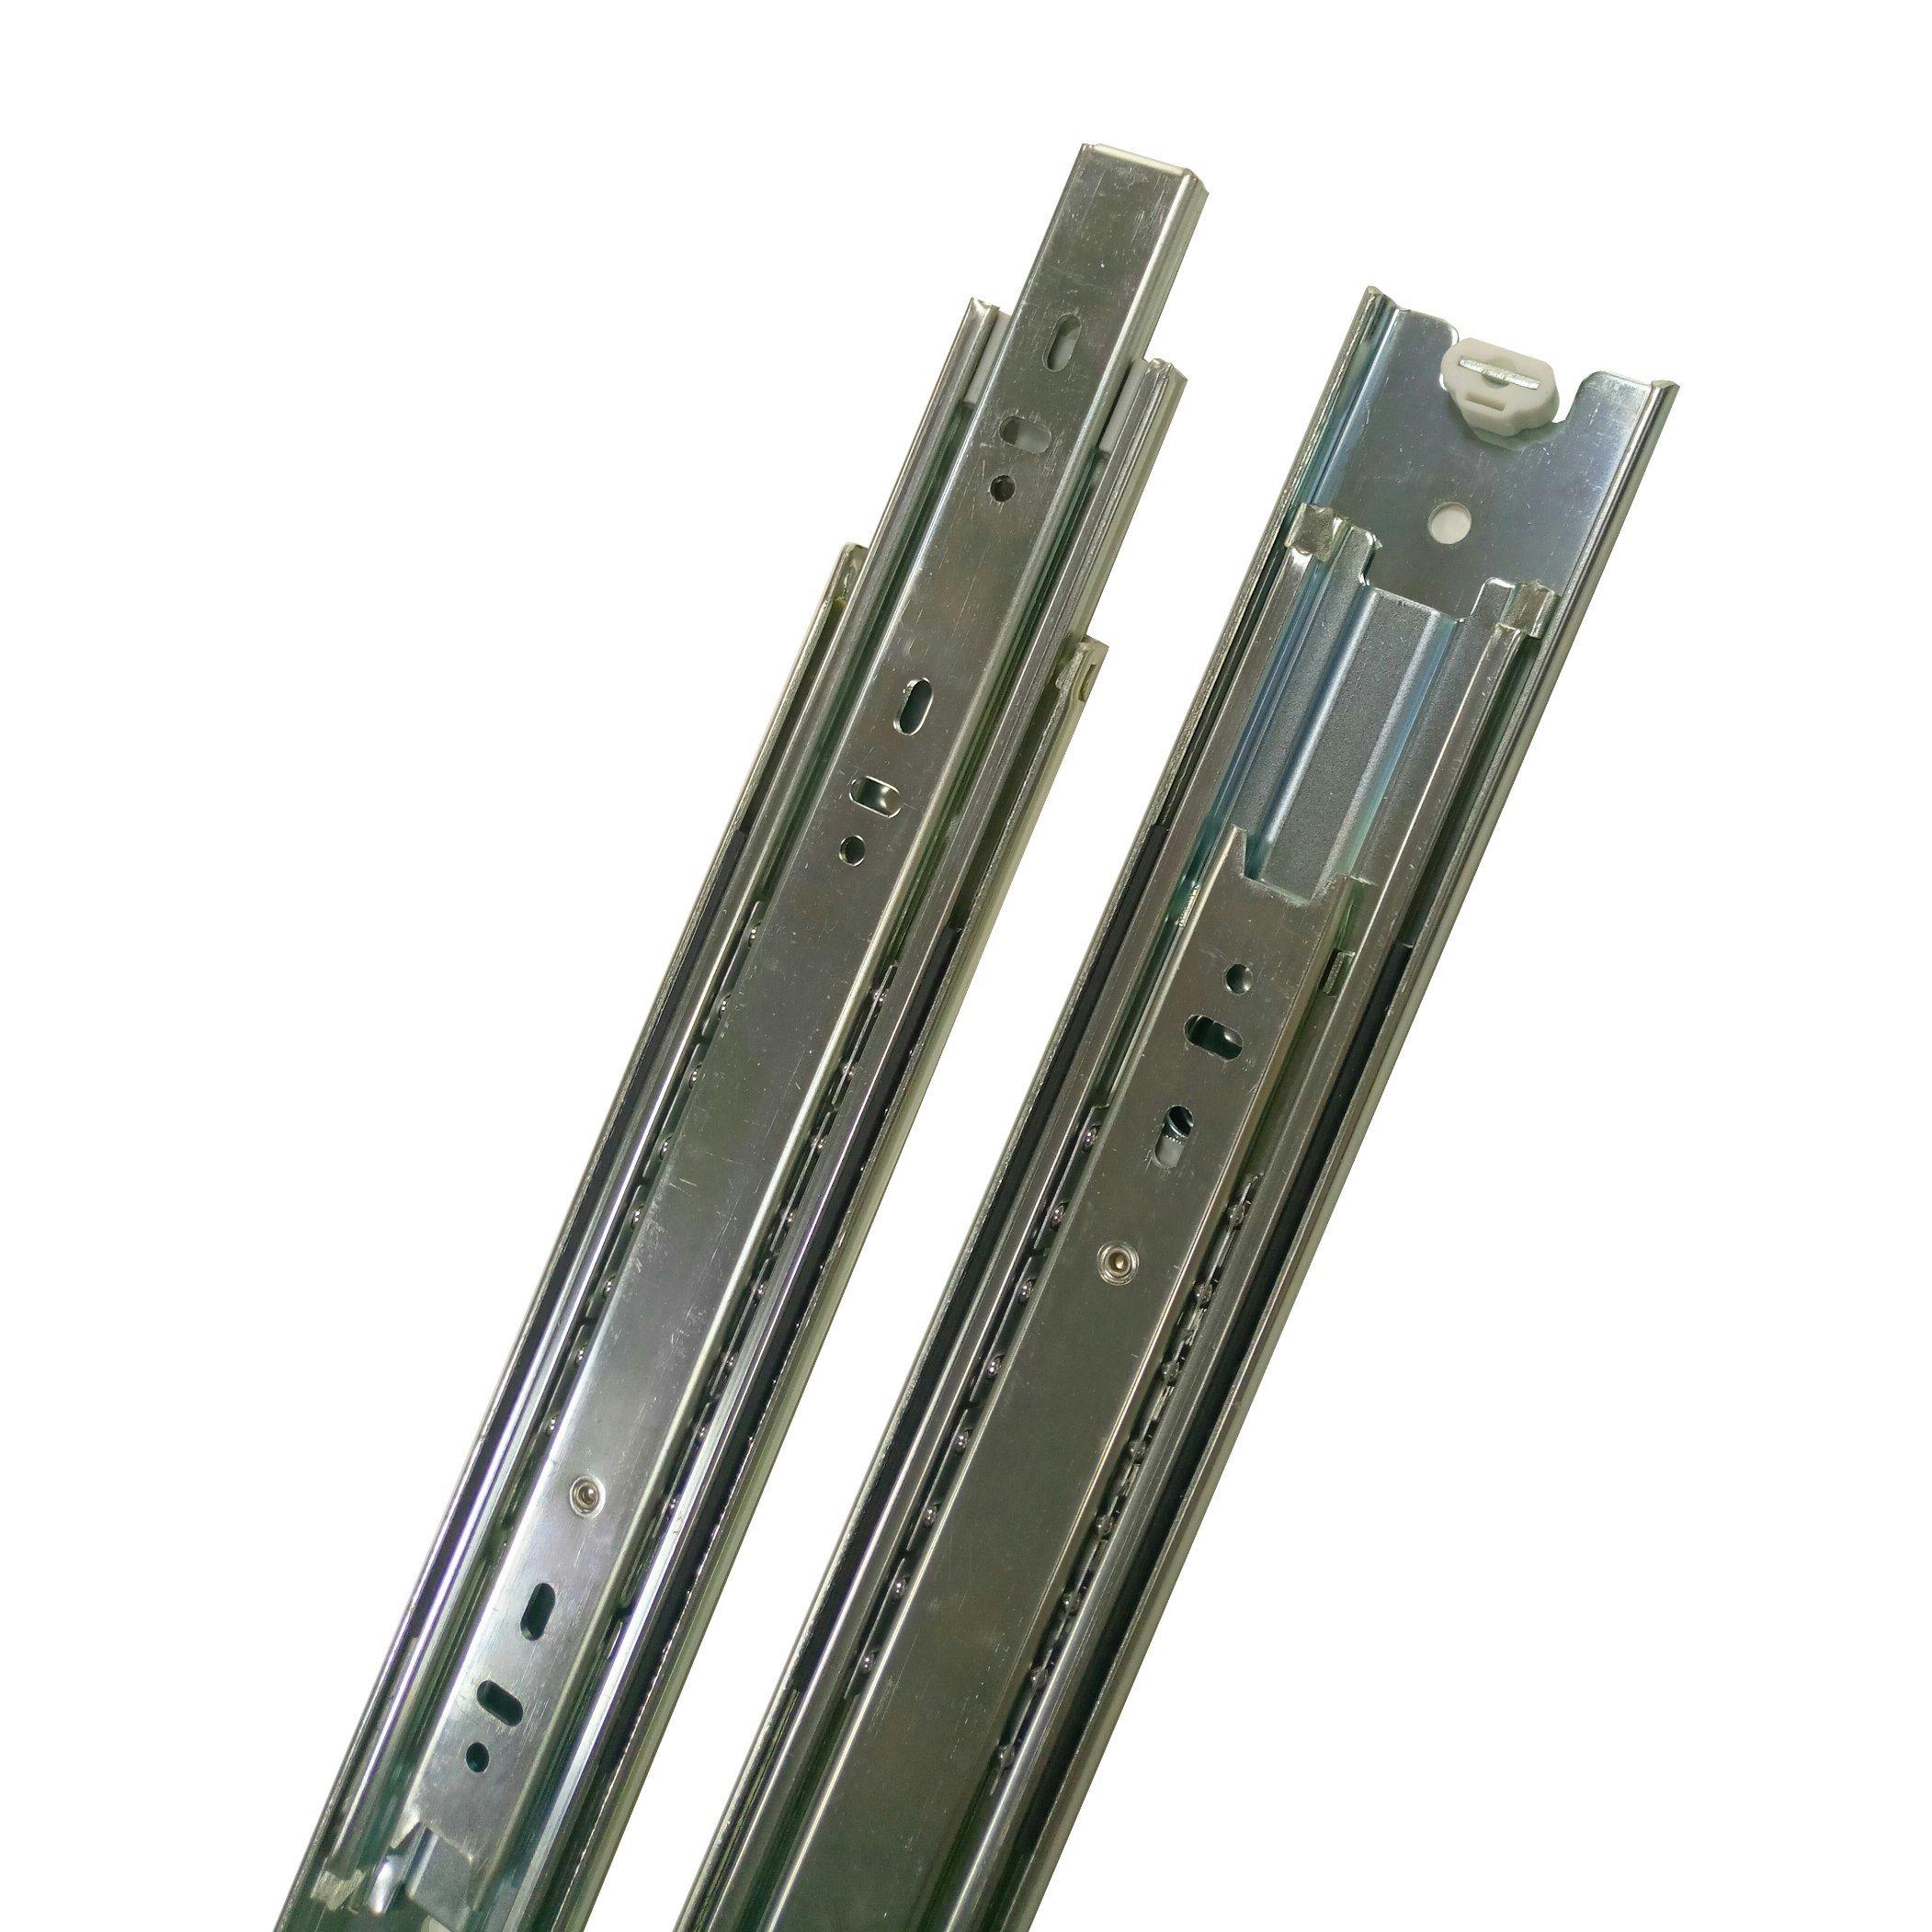 telescope product slide nsyxutzbslwy buffer rail tracks metal damping slides closing drawer sliding china soft runner